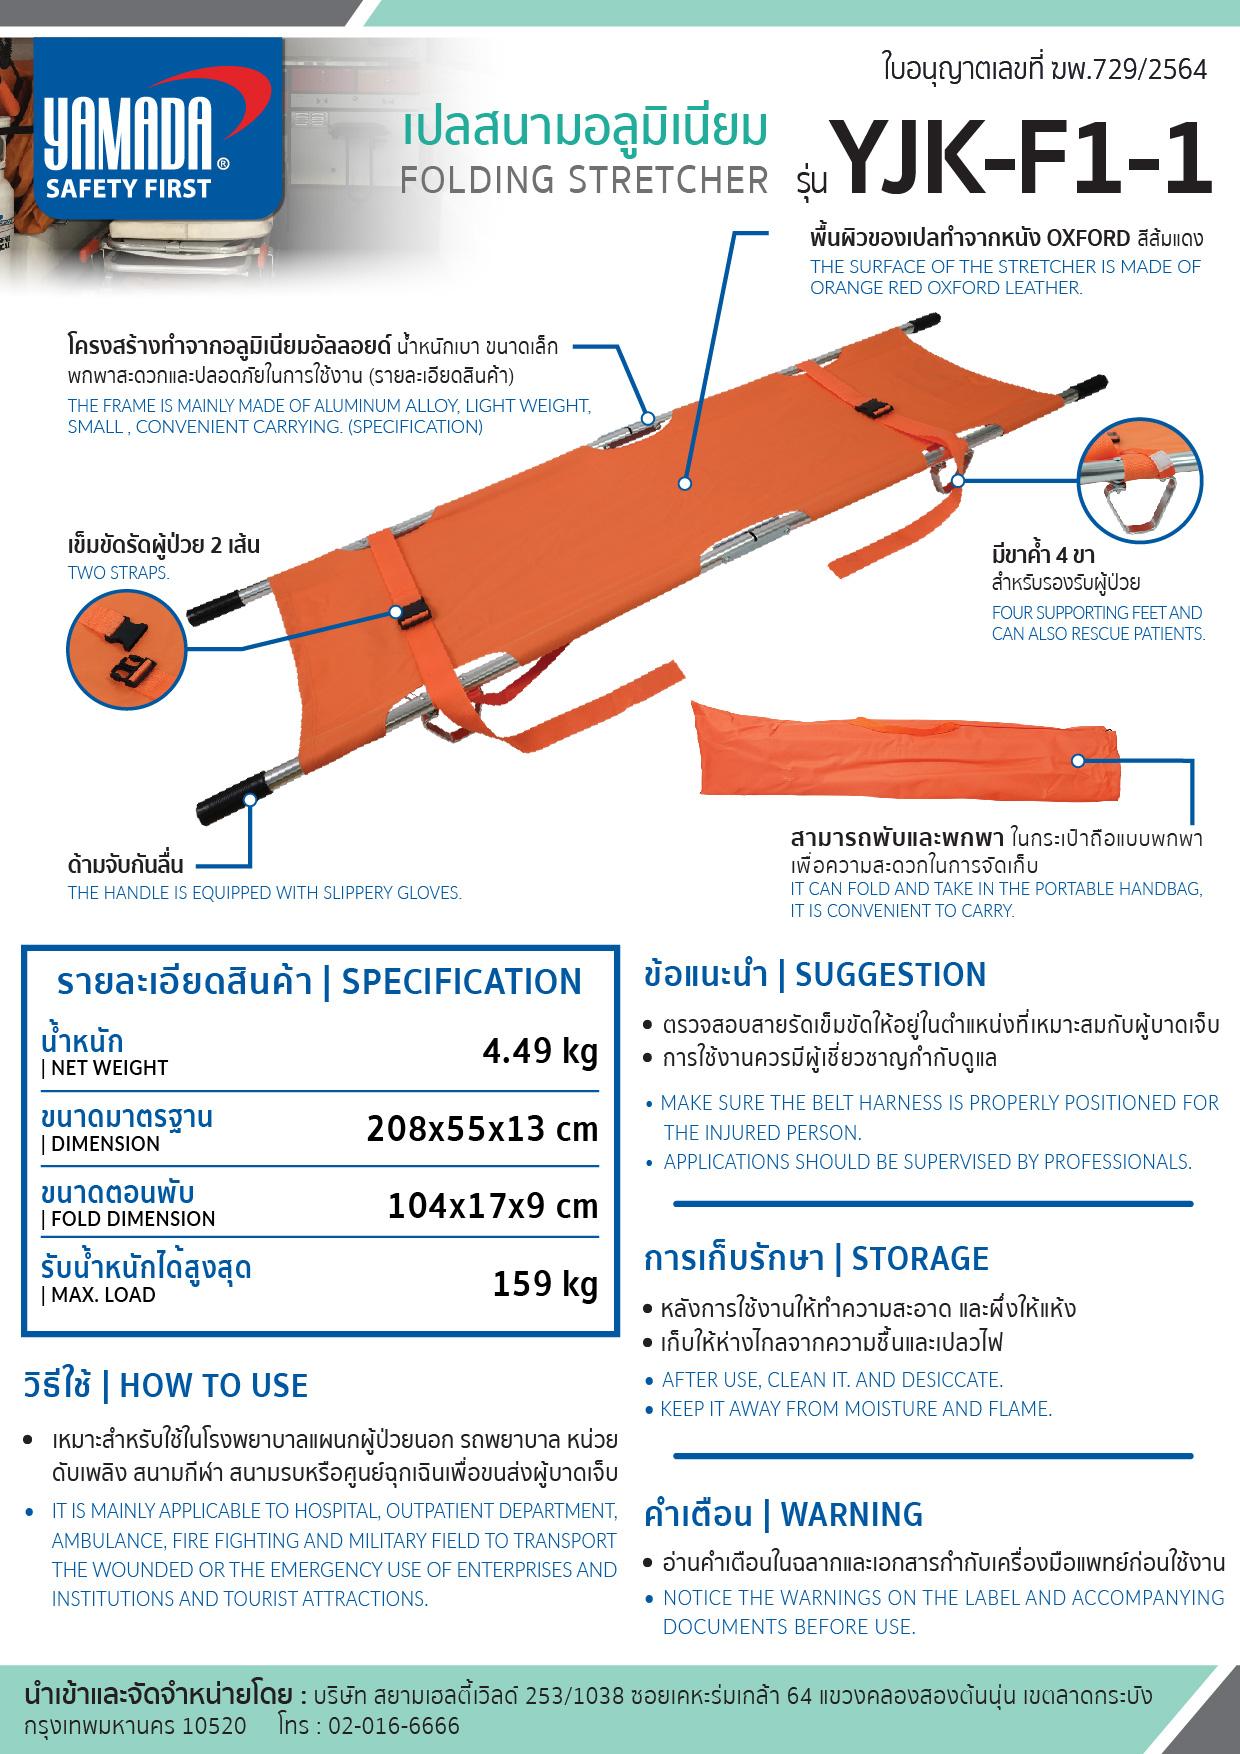 (2/7) เปลสนามอลลูมิเนียม รุ่น YJK-F1-1